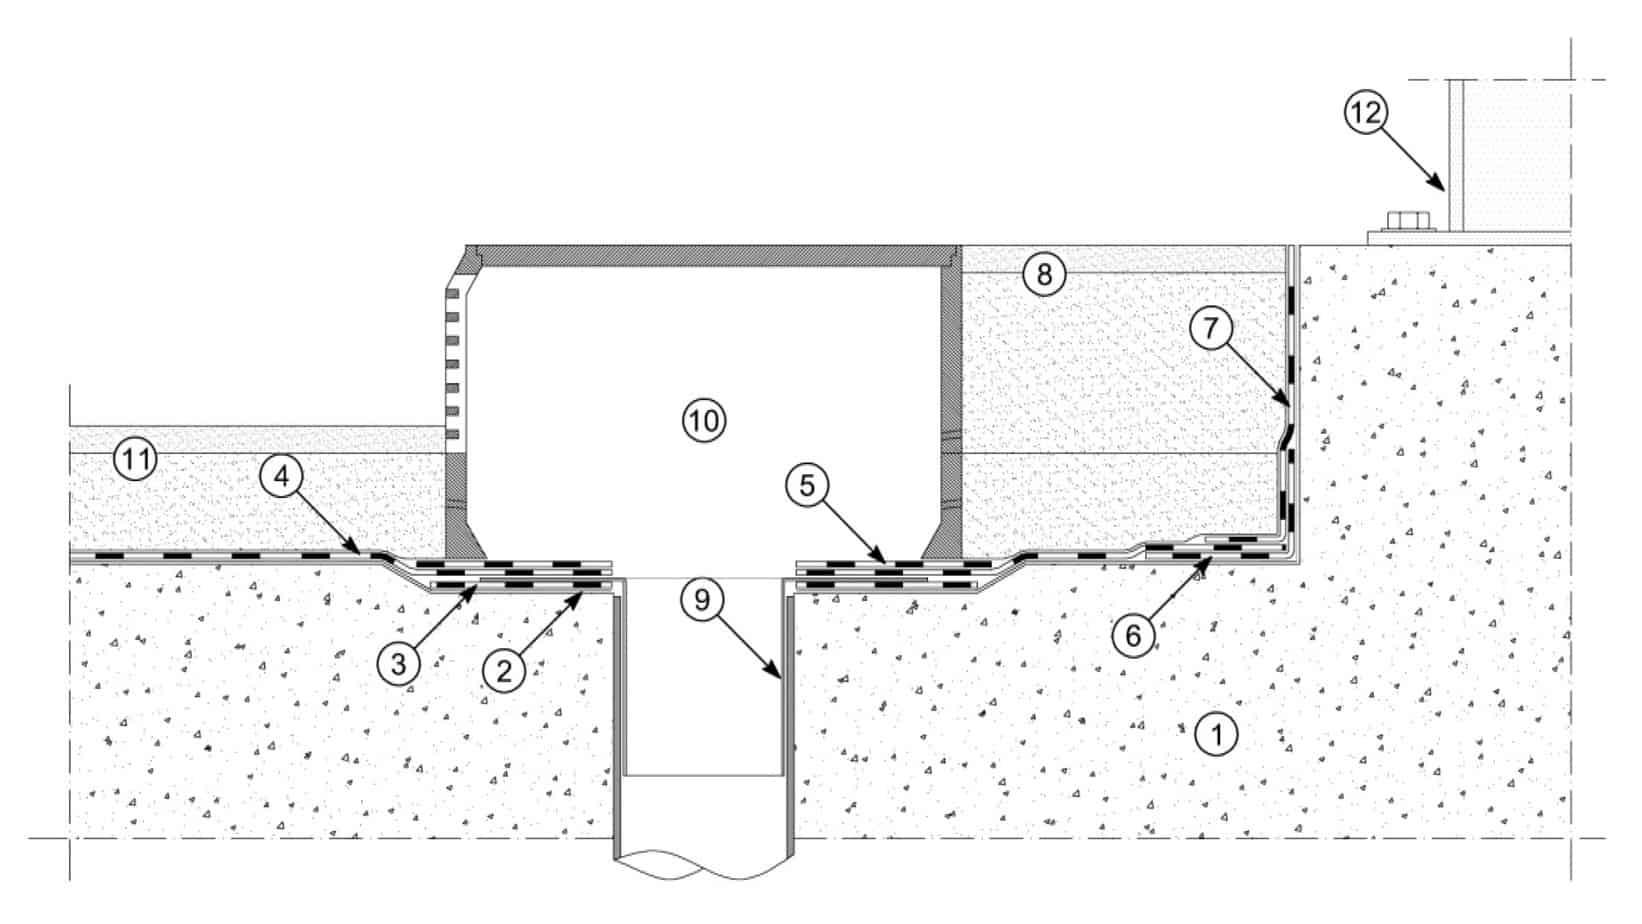 """Il dettaglio dello scarico a bocca di lupo:  supportosoletta in cemento armato; primer bituminoso Polyprimer HP 45 Professional o Idroprimer o primer epossidico Epoxy Primer; membrana impermeabile sotto bocchetta Polyglass (delle dimensioni di 50x50 cm); membrana impermeabilizzante per ponti Polyglass (tipo Polybond HP, Polyflex HP, Elastoflex HP, Evolight HP o Polyflex Light HP); membrane permeabilizzante di protezione Polyglass; membrana impermeabilizzante di rinforzo Polyglass; risvolto verticale con membrana impermeabilizzante per ponti Polyglass; marciapiede; bocchetta di scarico; pozzetto di scarico a """"bocca di lupo""""; pavimentazione-binder stradale e strato di usura come da progetto; guard rail"""